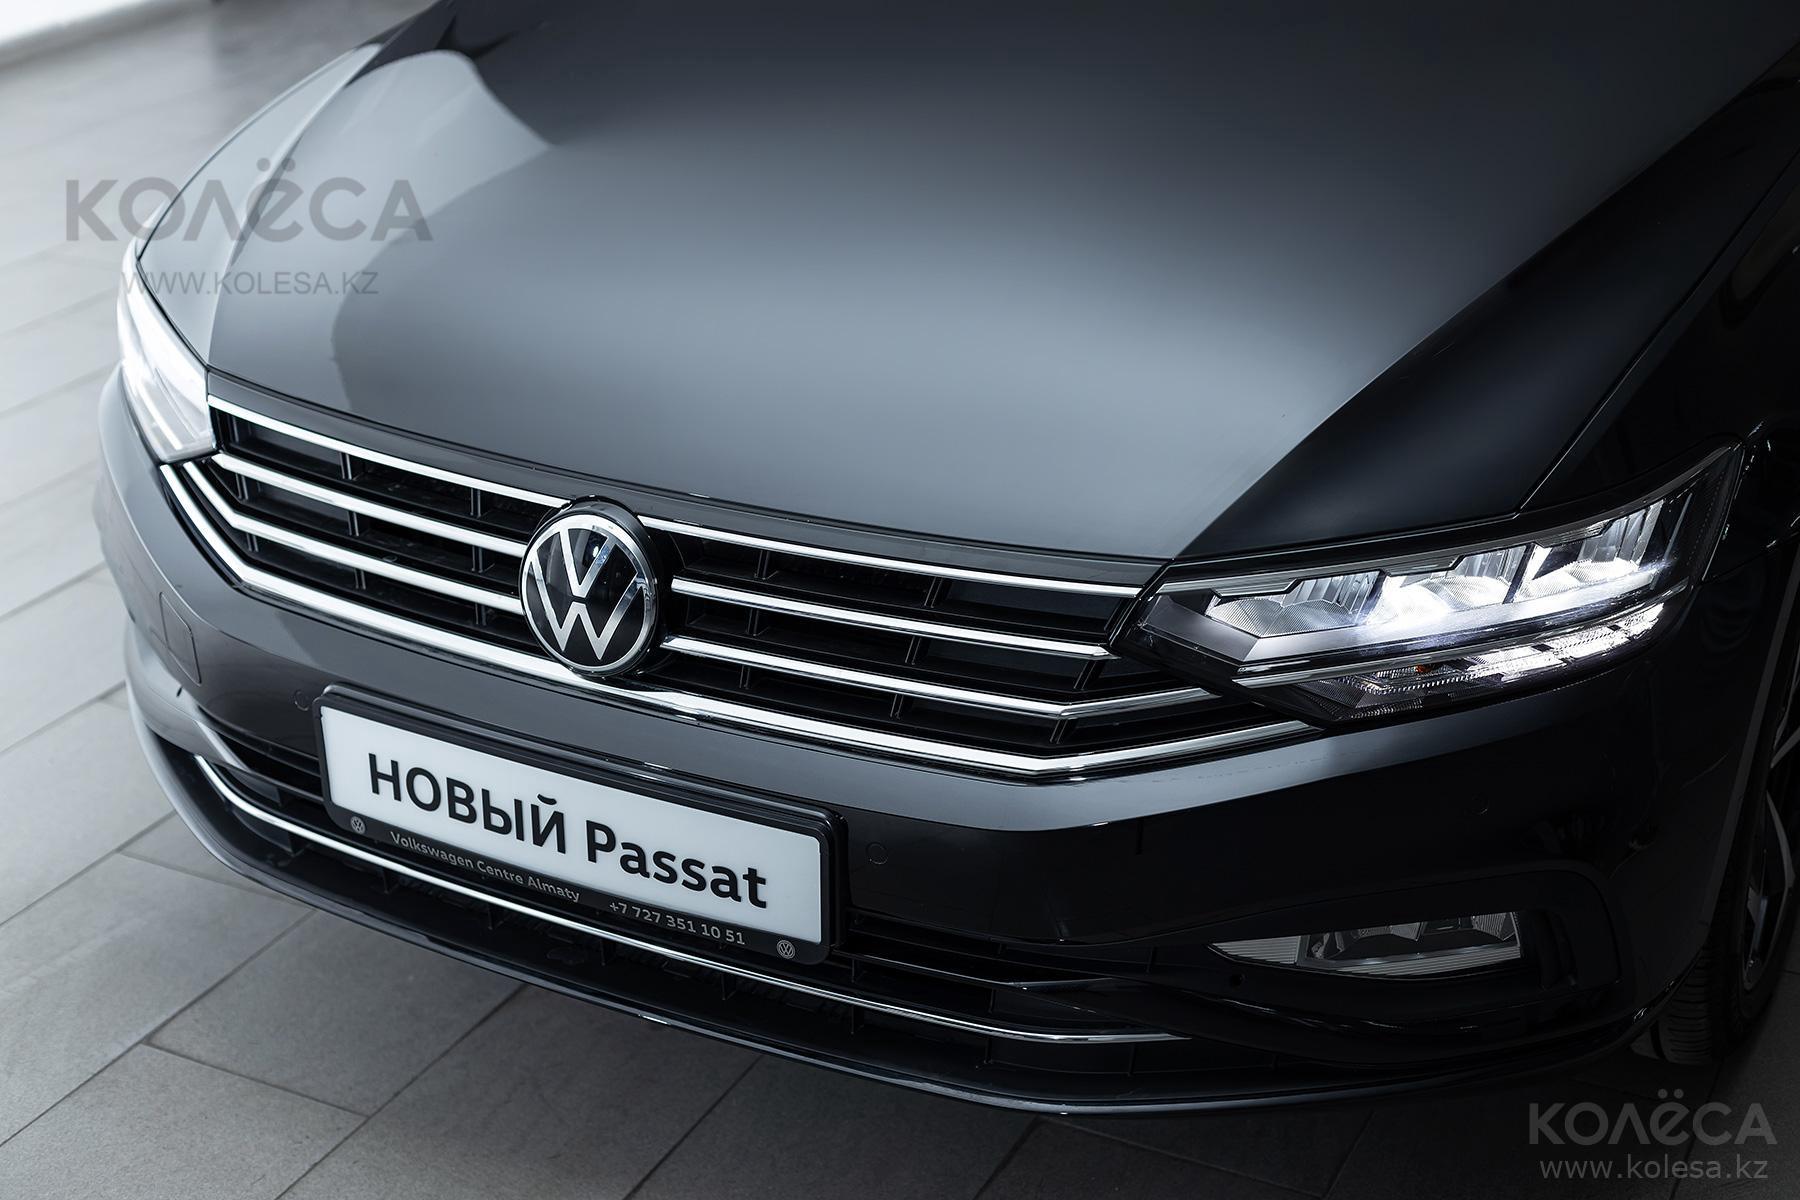 Volkswagen Passat D класса 2020-2021 года от 12 990 000 тенге